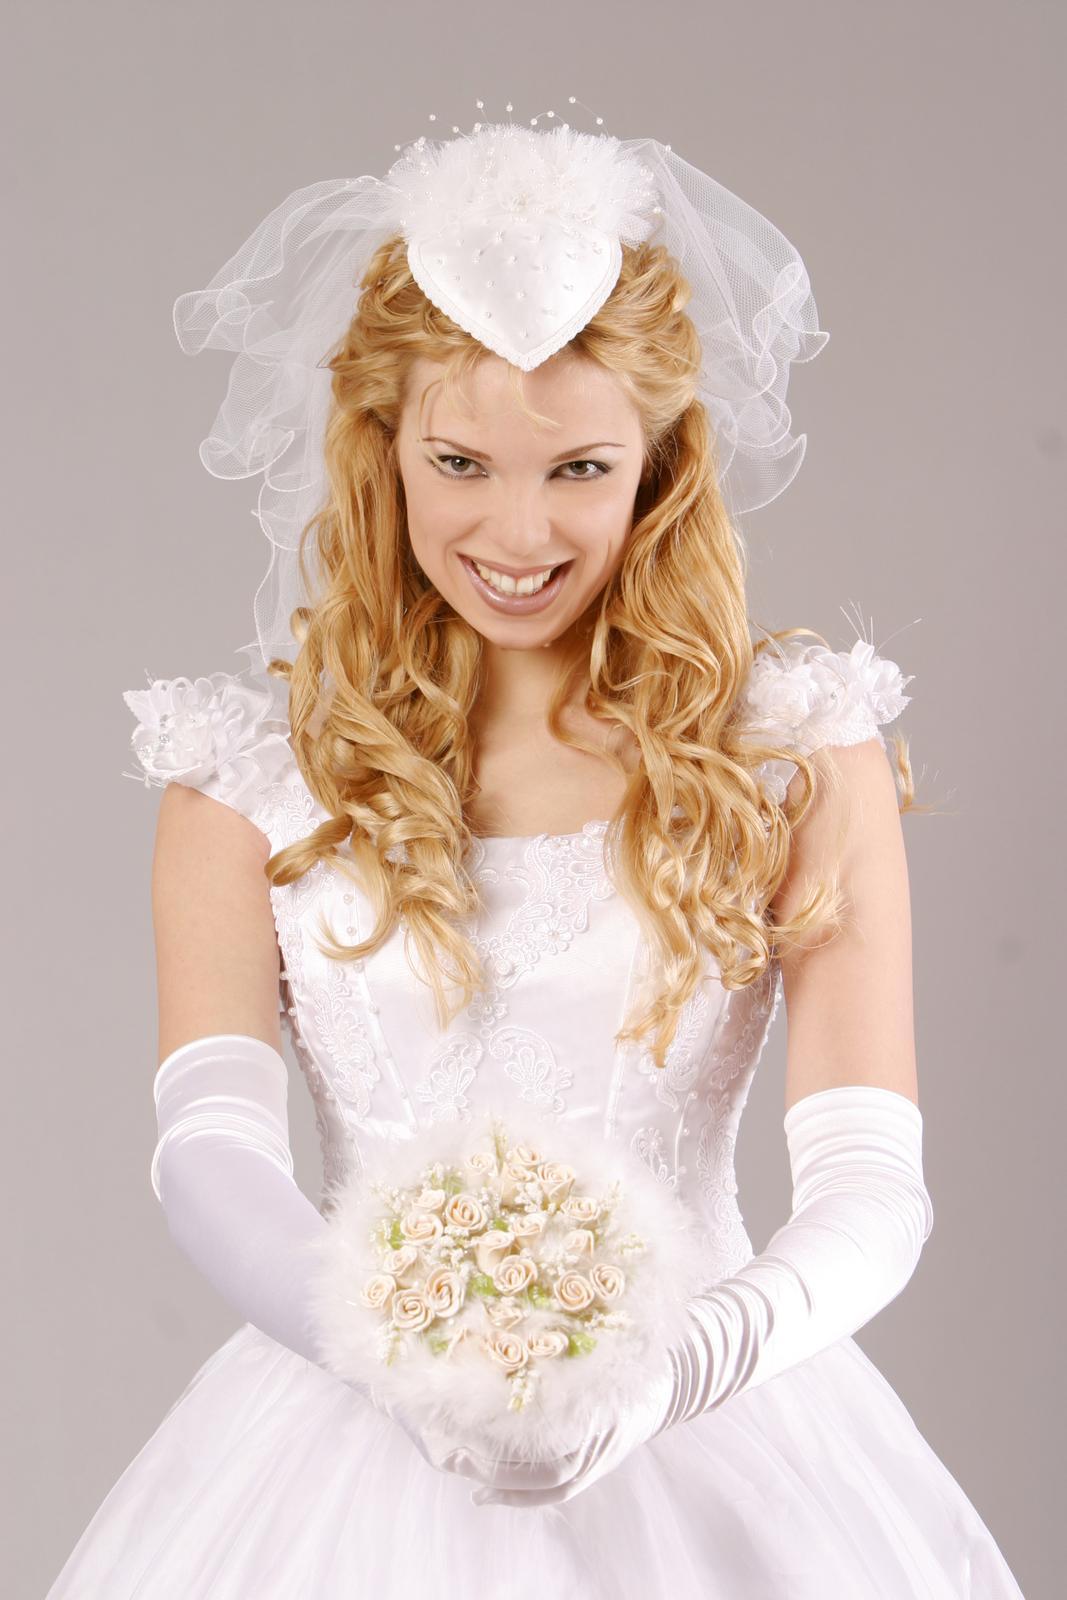 princeznovske svadobne saty - Obrázok č. 2